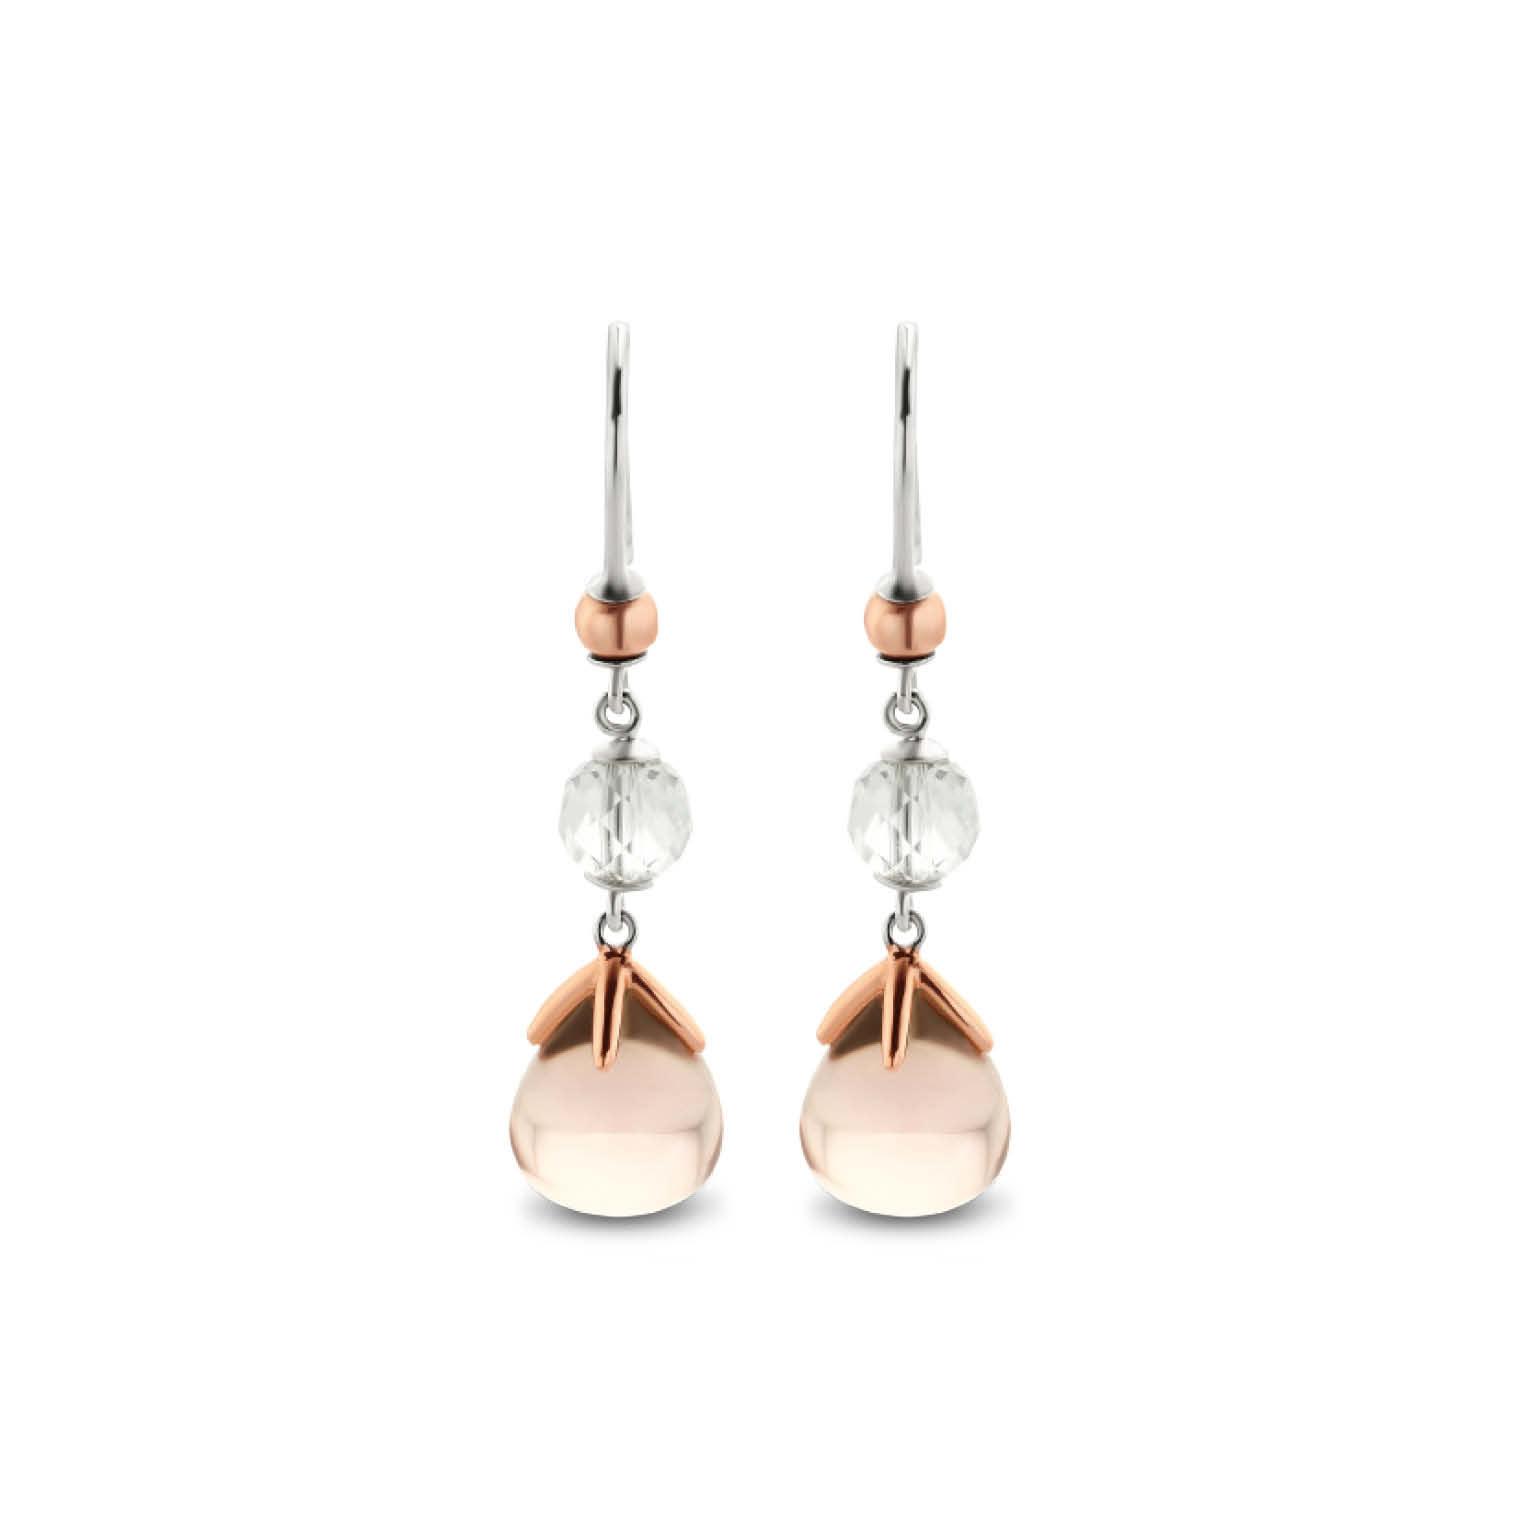 TI SENTO - Milano Earrings 7810NU-2